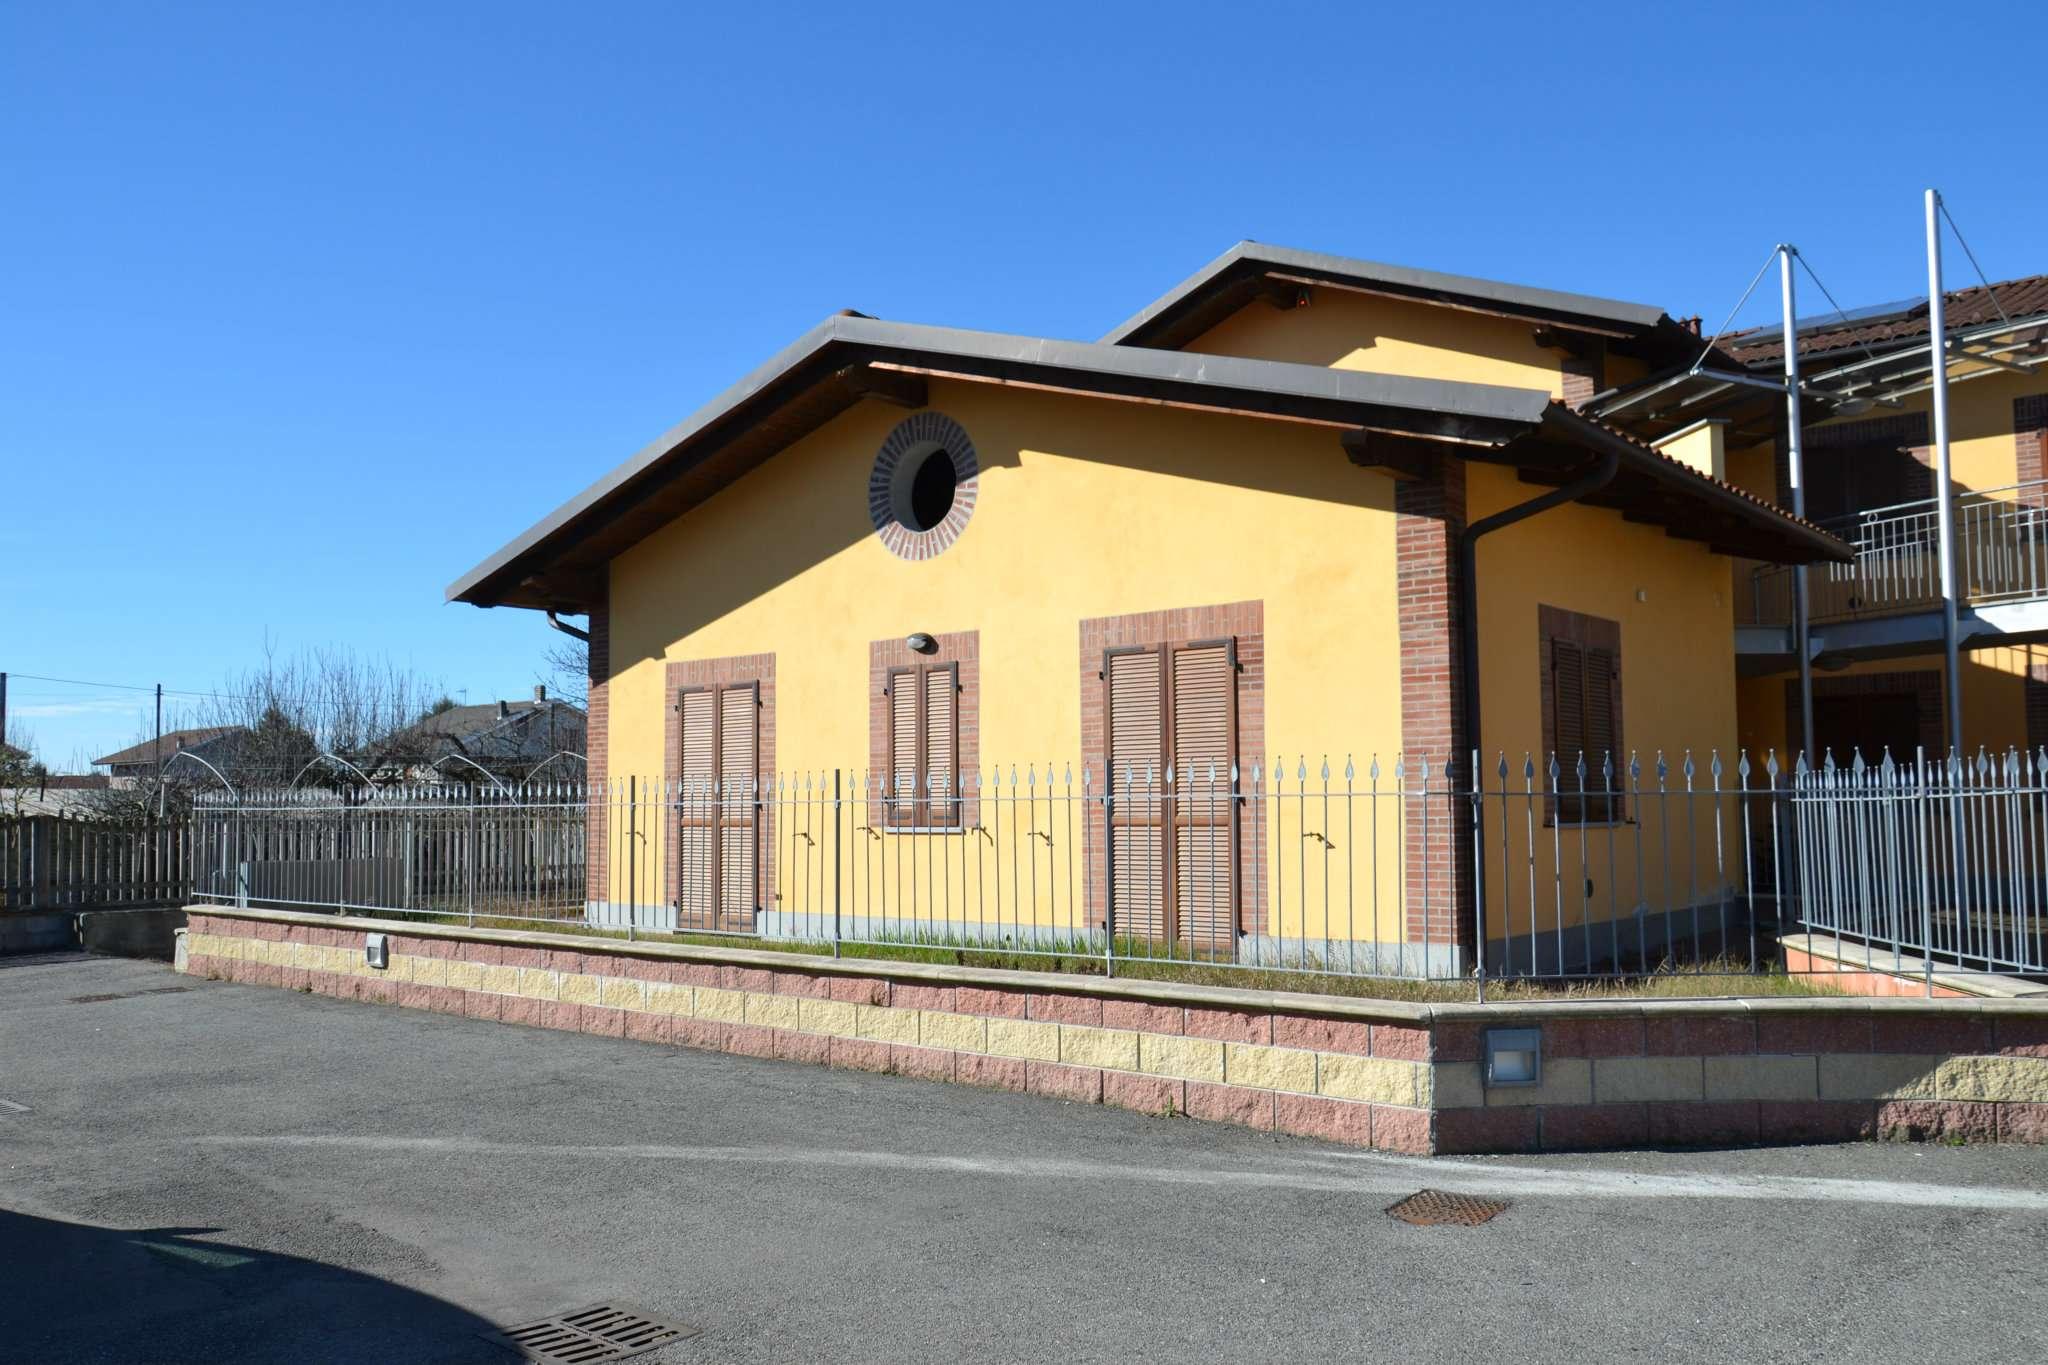 Appartamento in vendita a Rivarolo Canavese, 4 locali, prezzo € 179.000 | CambioCasa.it